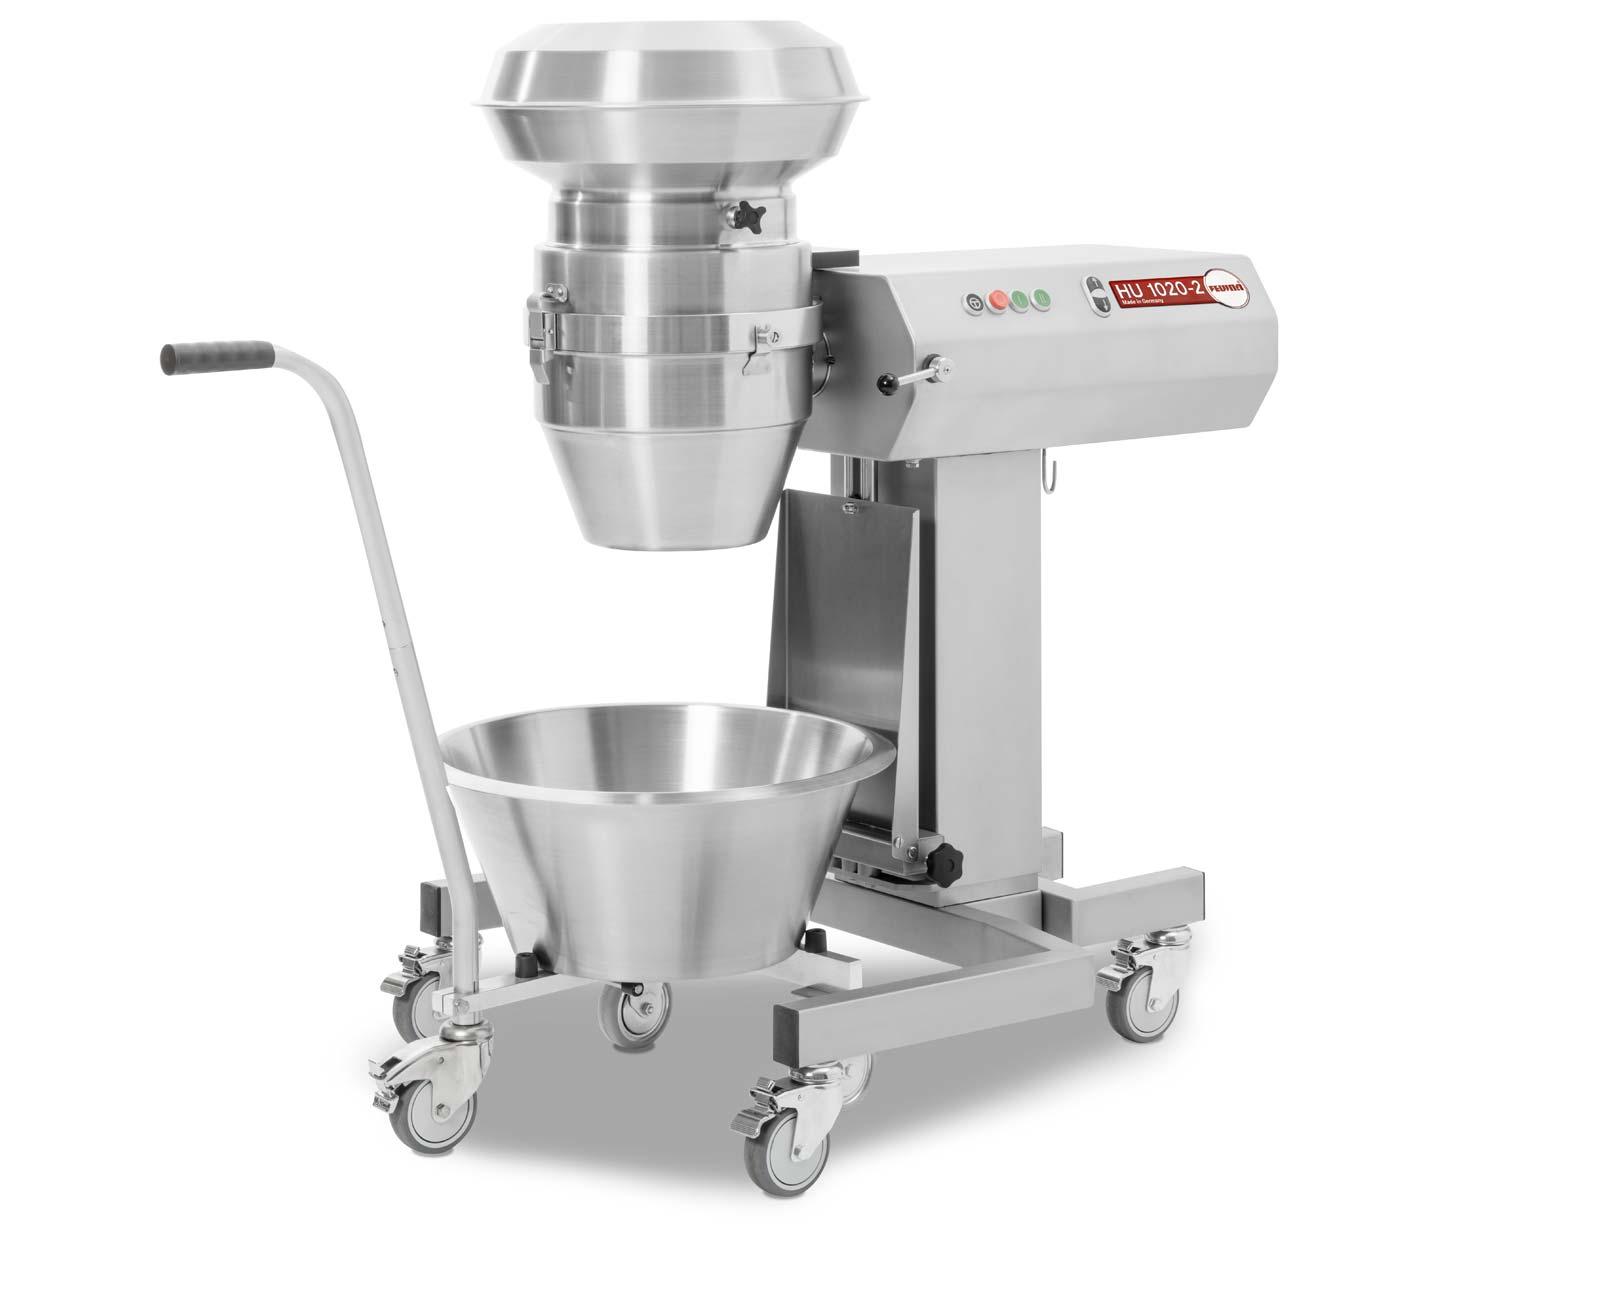 Feuma HU1020-2H Multifunktions-Küchenmaschine für die Profiküche - höhenverstellbares Untergestell mit Trichteraufsatz